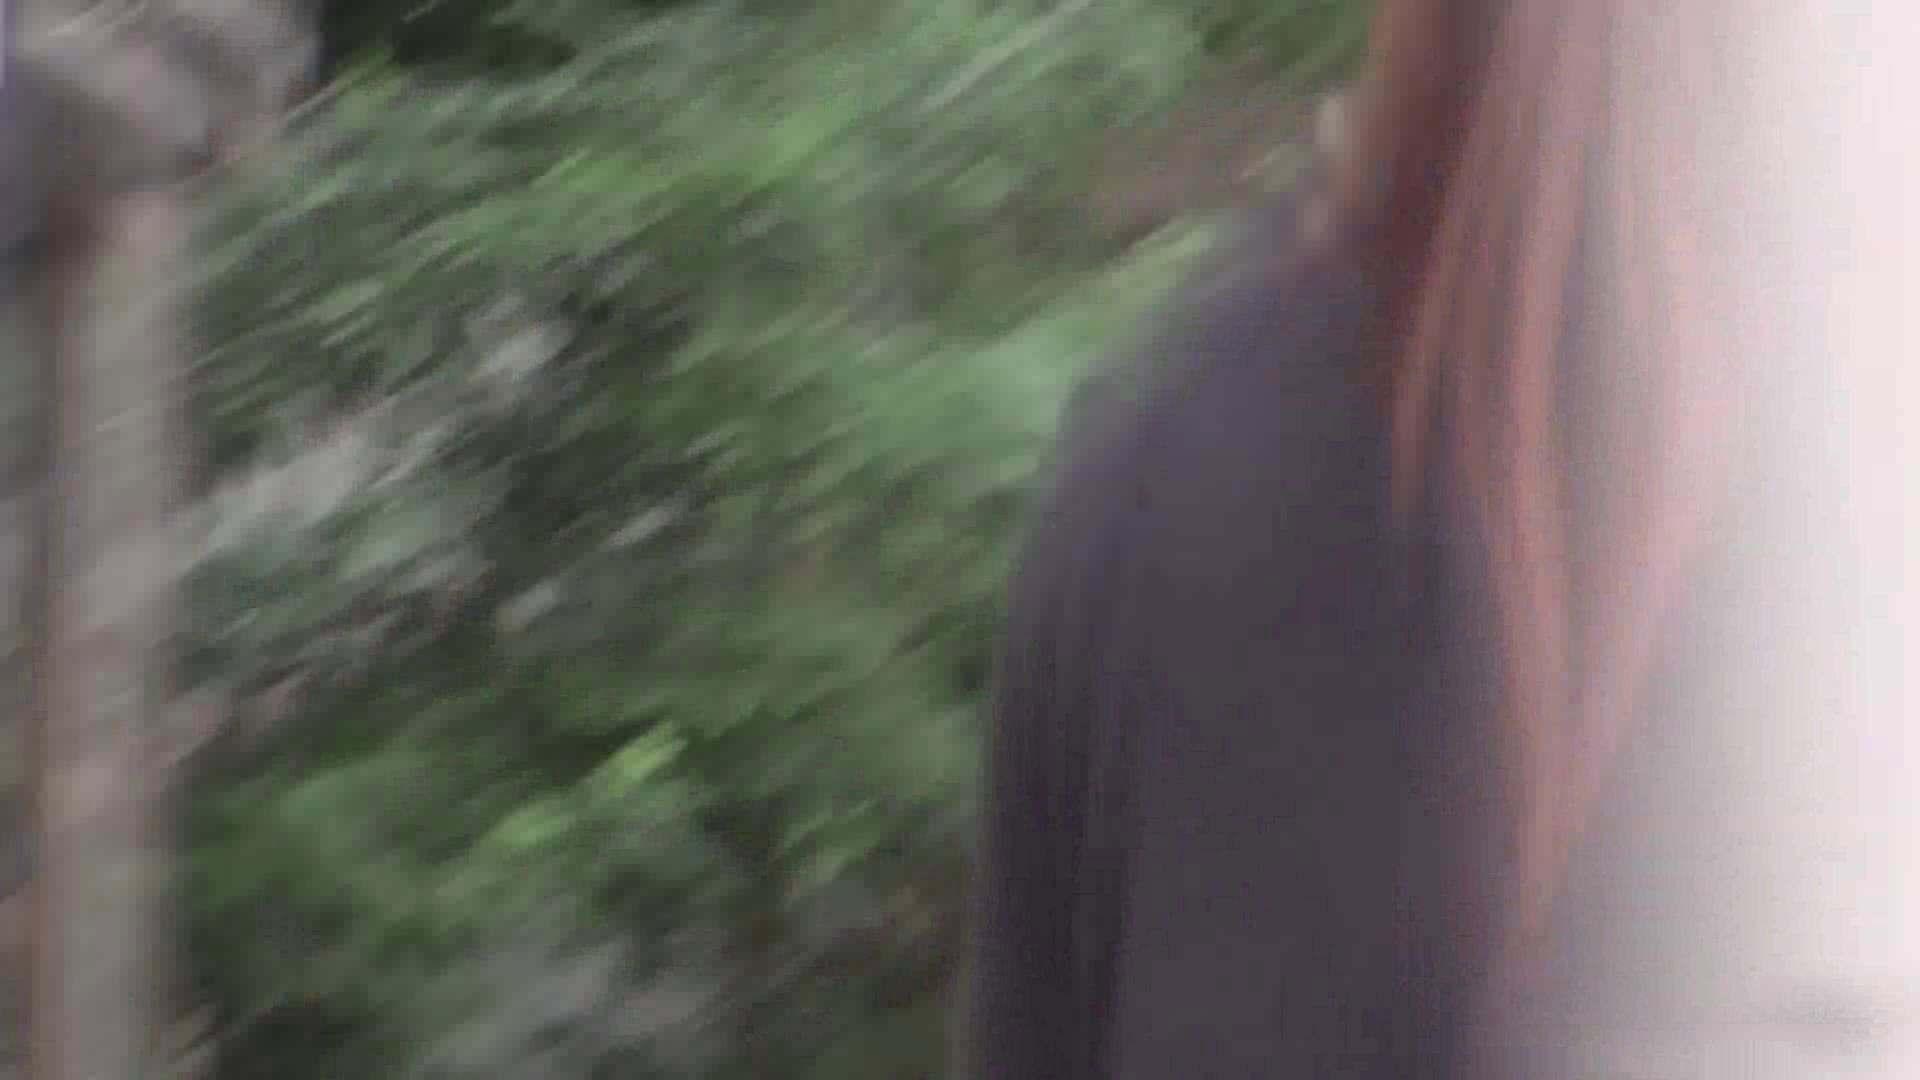 屋外トイレっと!Vol.01 独身エッチOL   お姉さんの女体  61pic 3